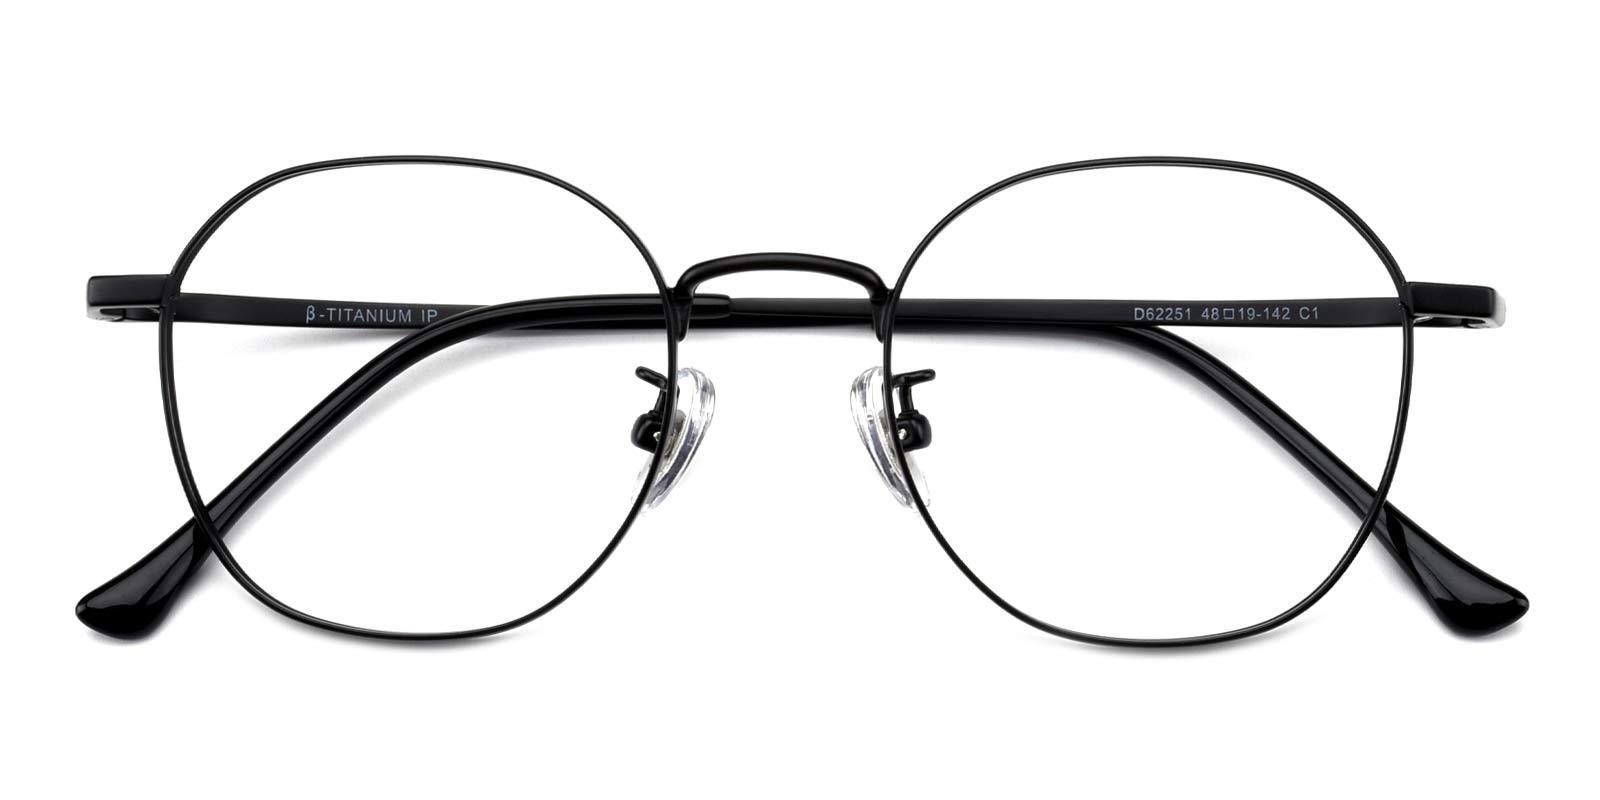 Iron-Black-Round-Titanium-Eyeglasses-detail